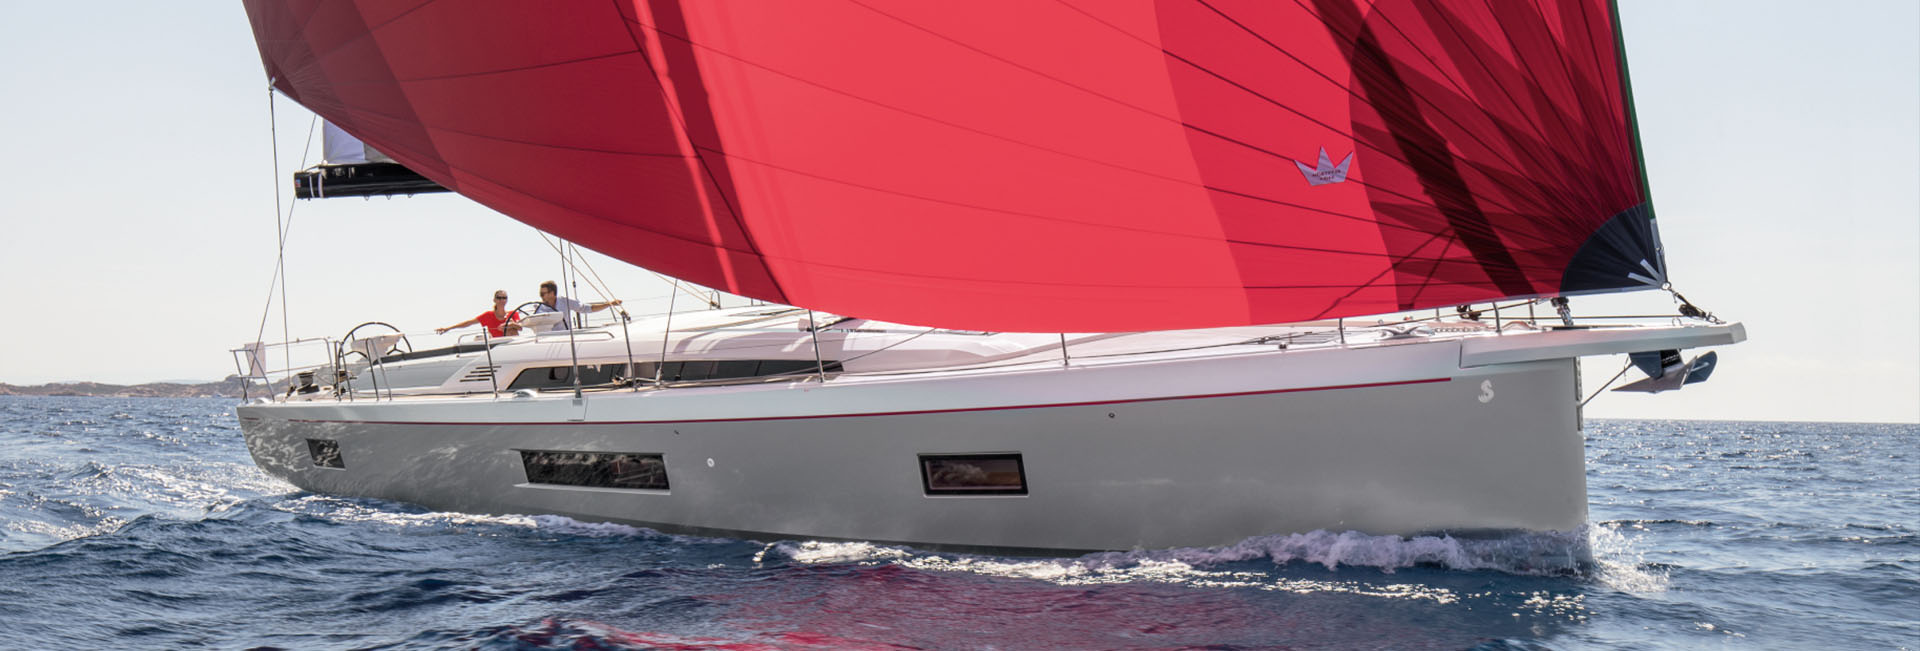 Oceanis 51.1 'KIWI II'